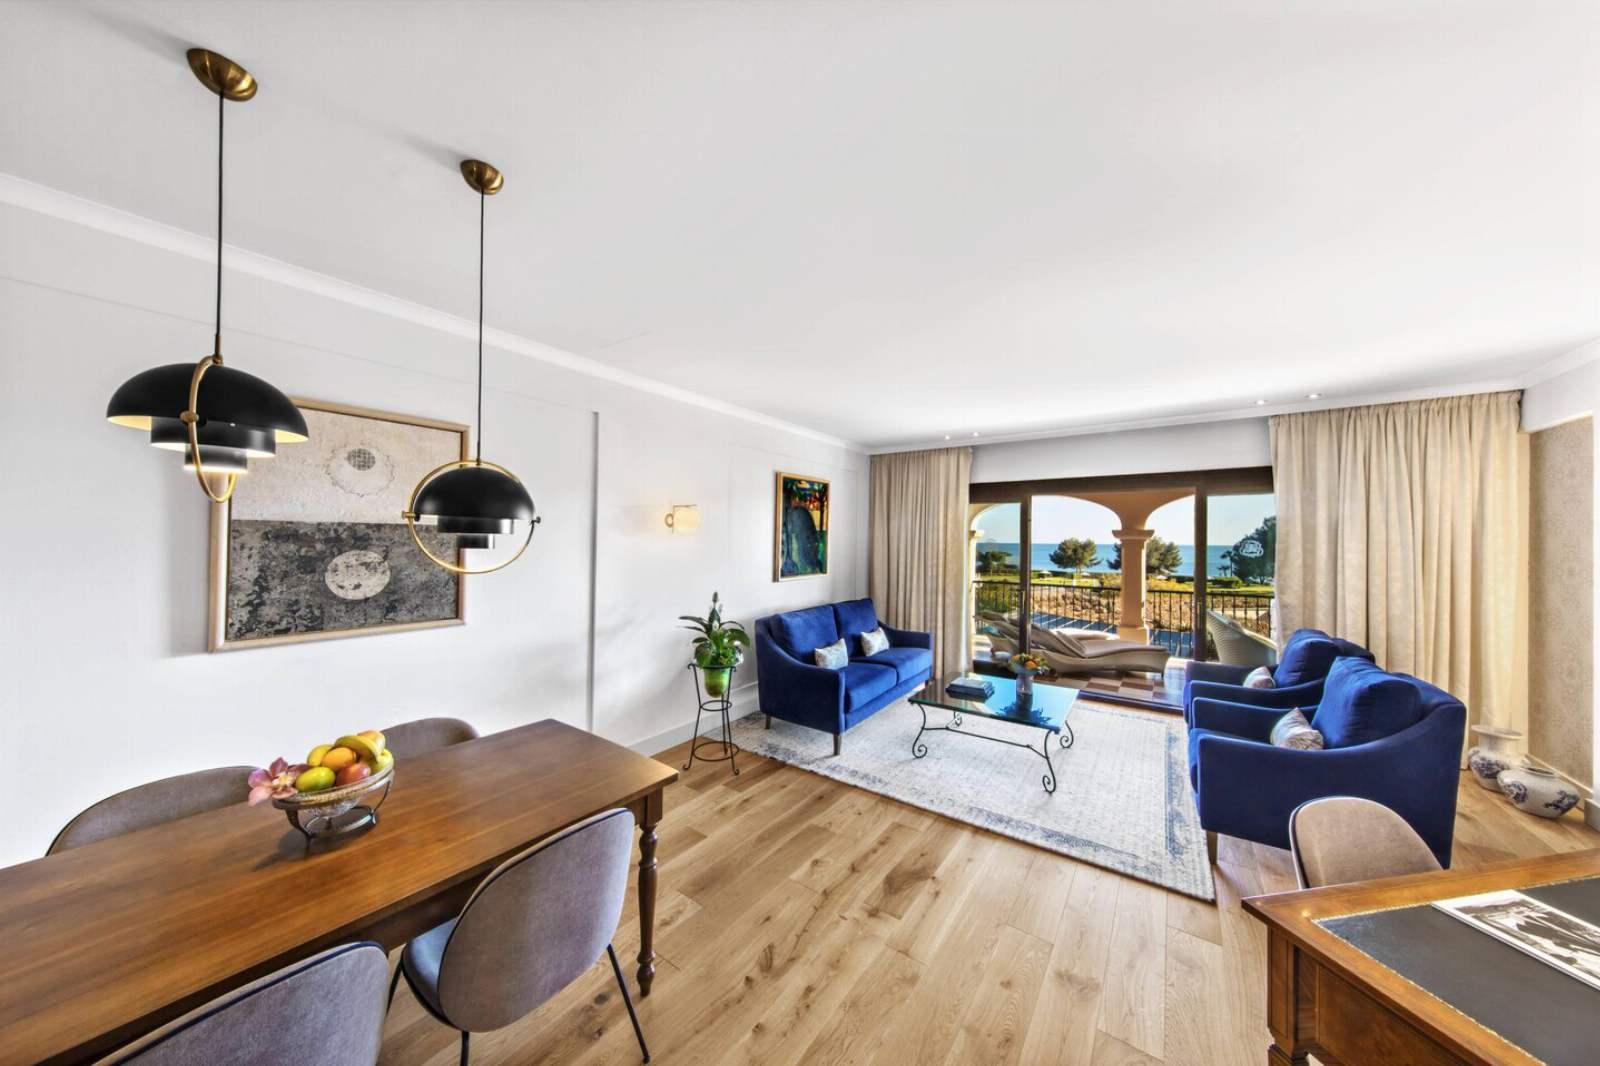 St. Regis Mardavall Resort - Ocean Two Suite